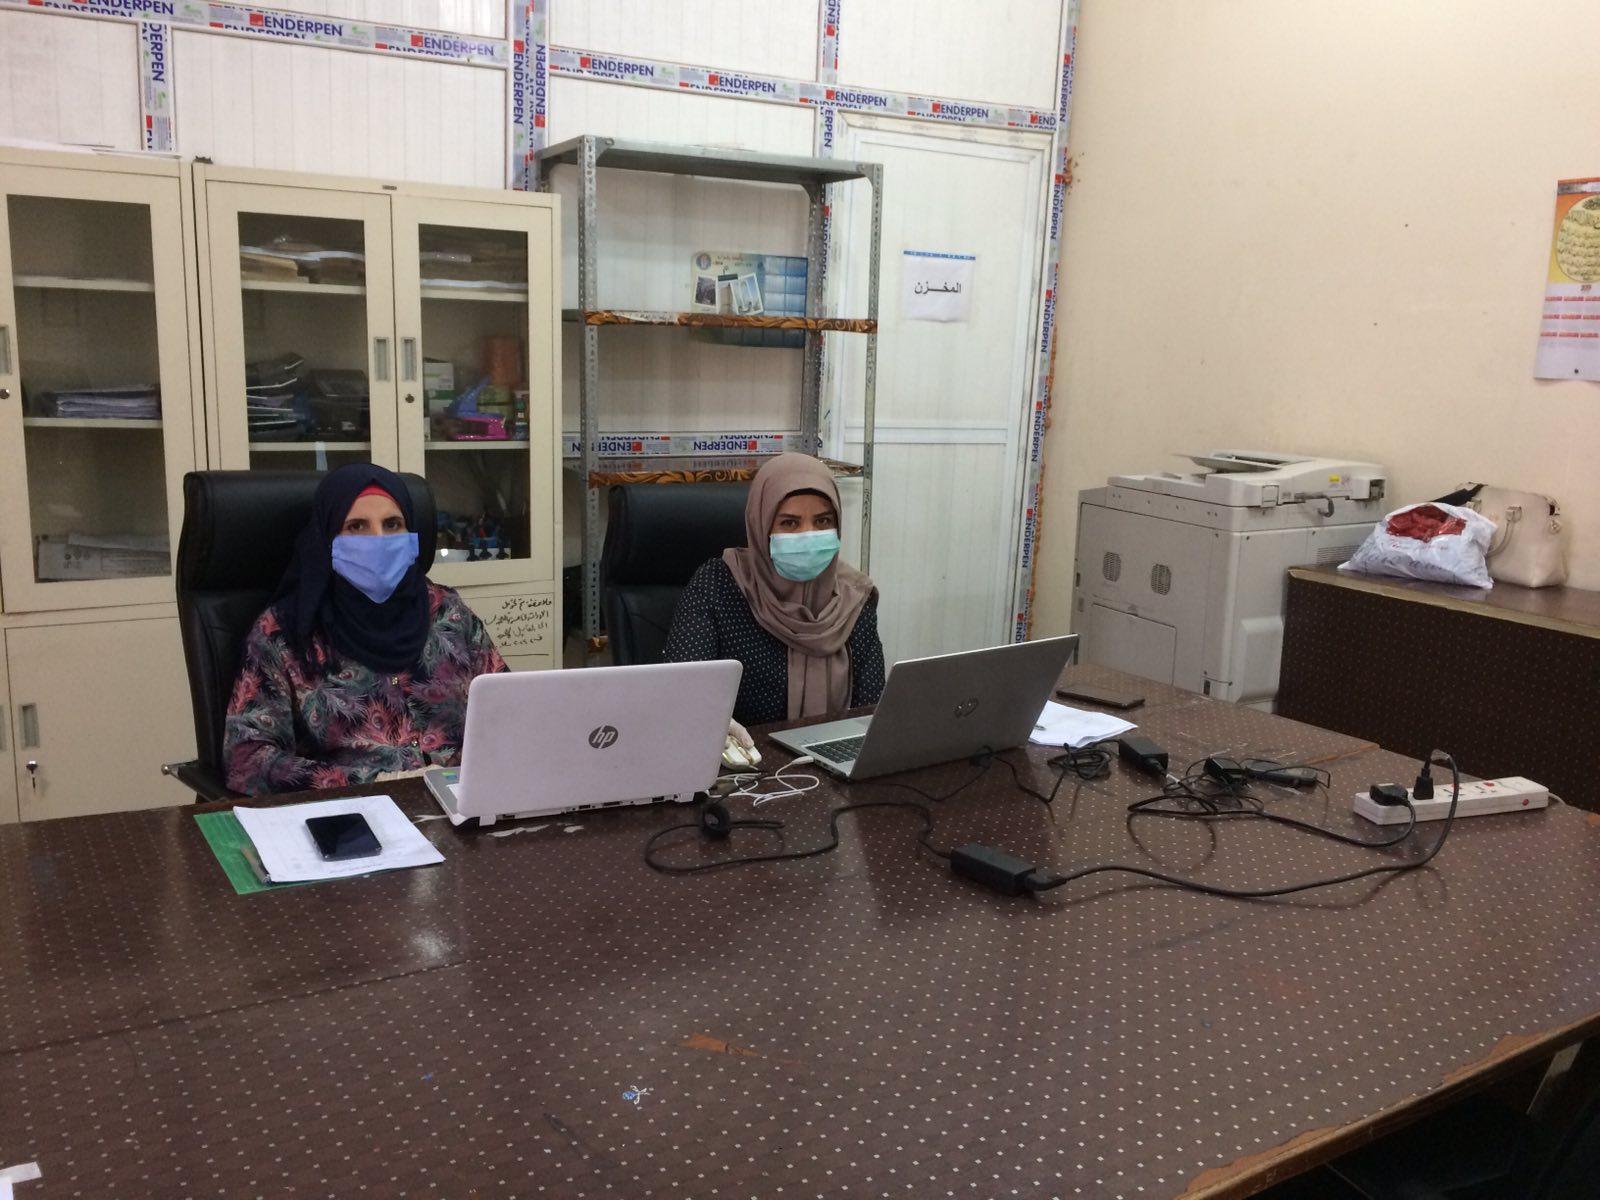 كلية التمريض تباشر بأداء الامتحانات الالكترونية النهائية للدور التكميلي الثاني